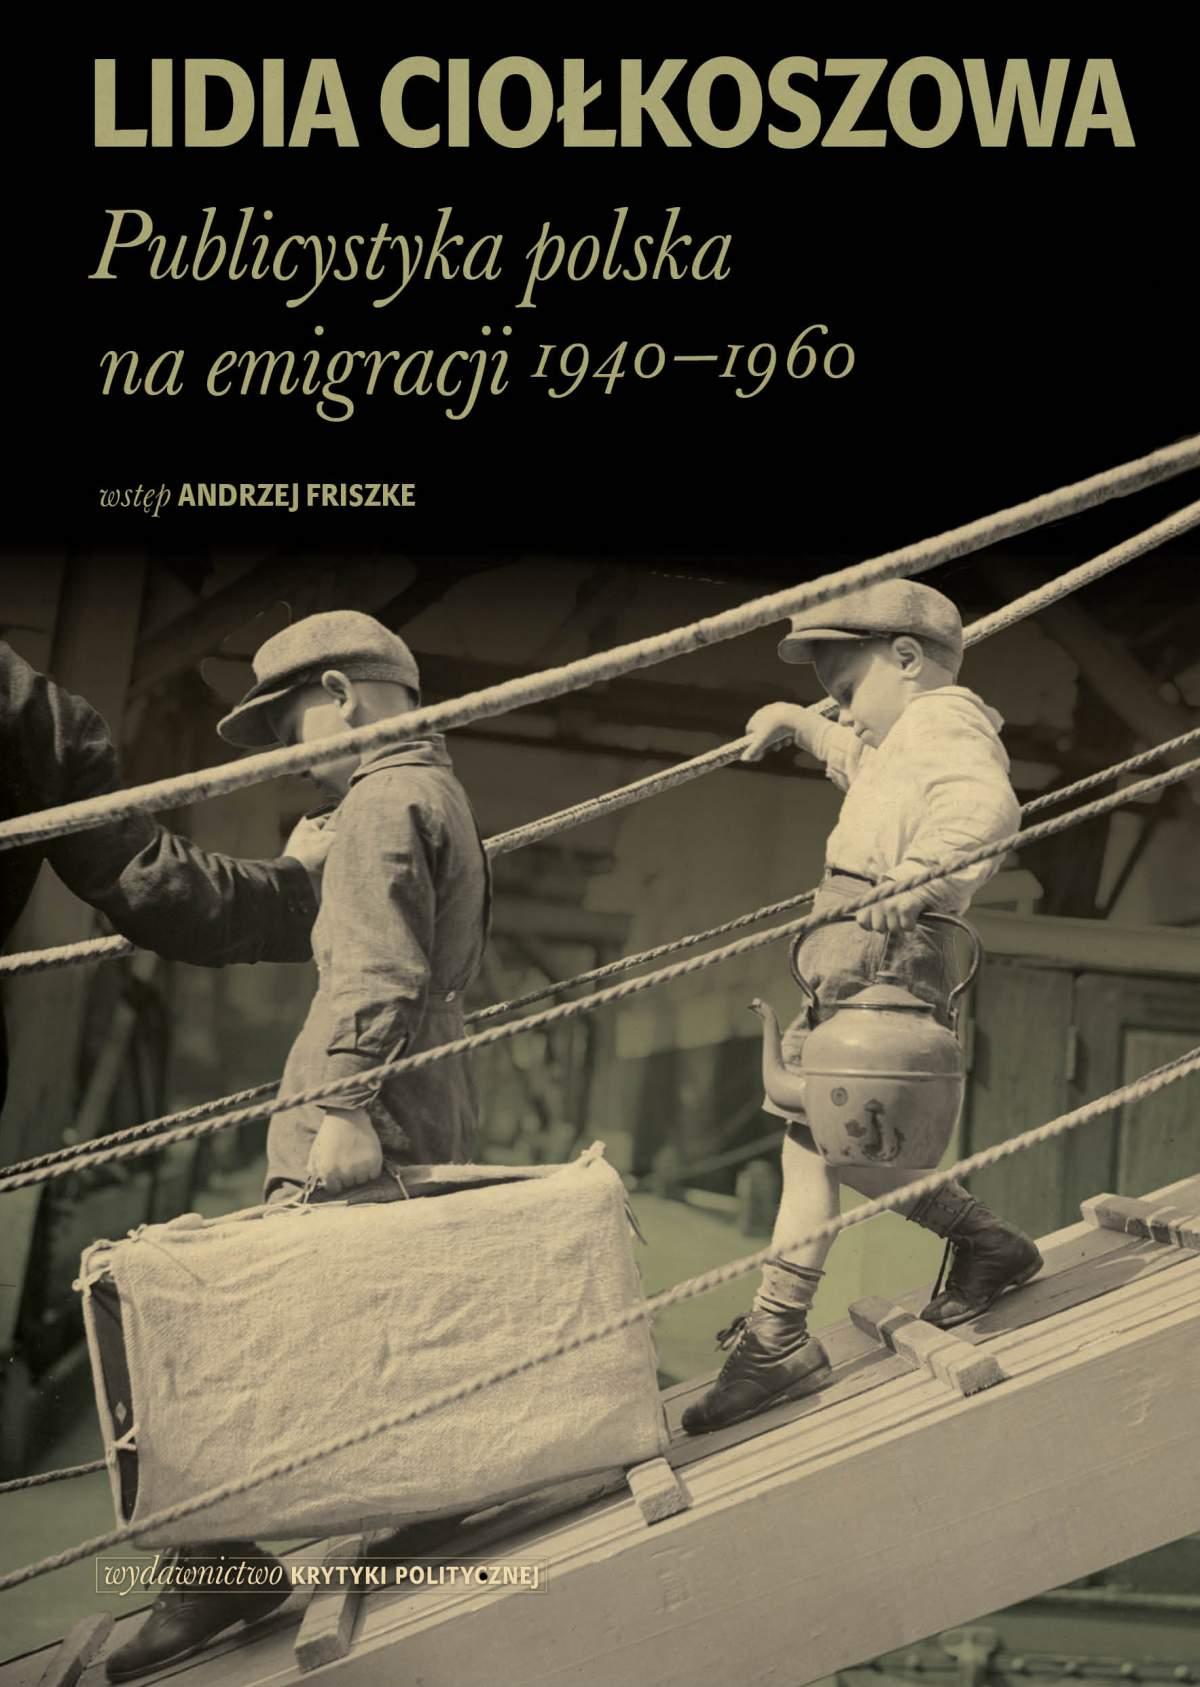 Publicystyka polska na emigracji 1940-1960 - Ebook (Książka EPUB) do pobrania w formacie EPUB